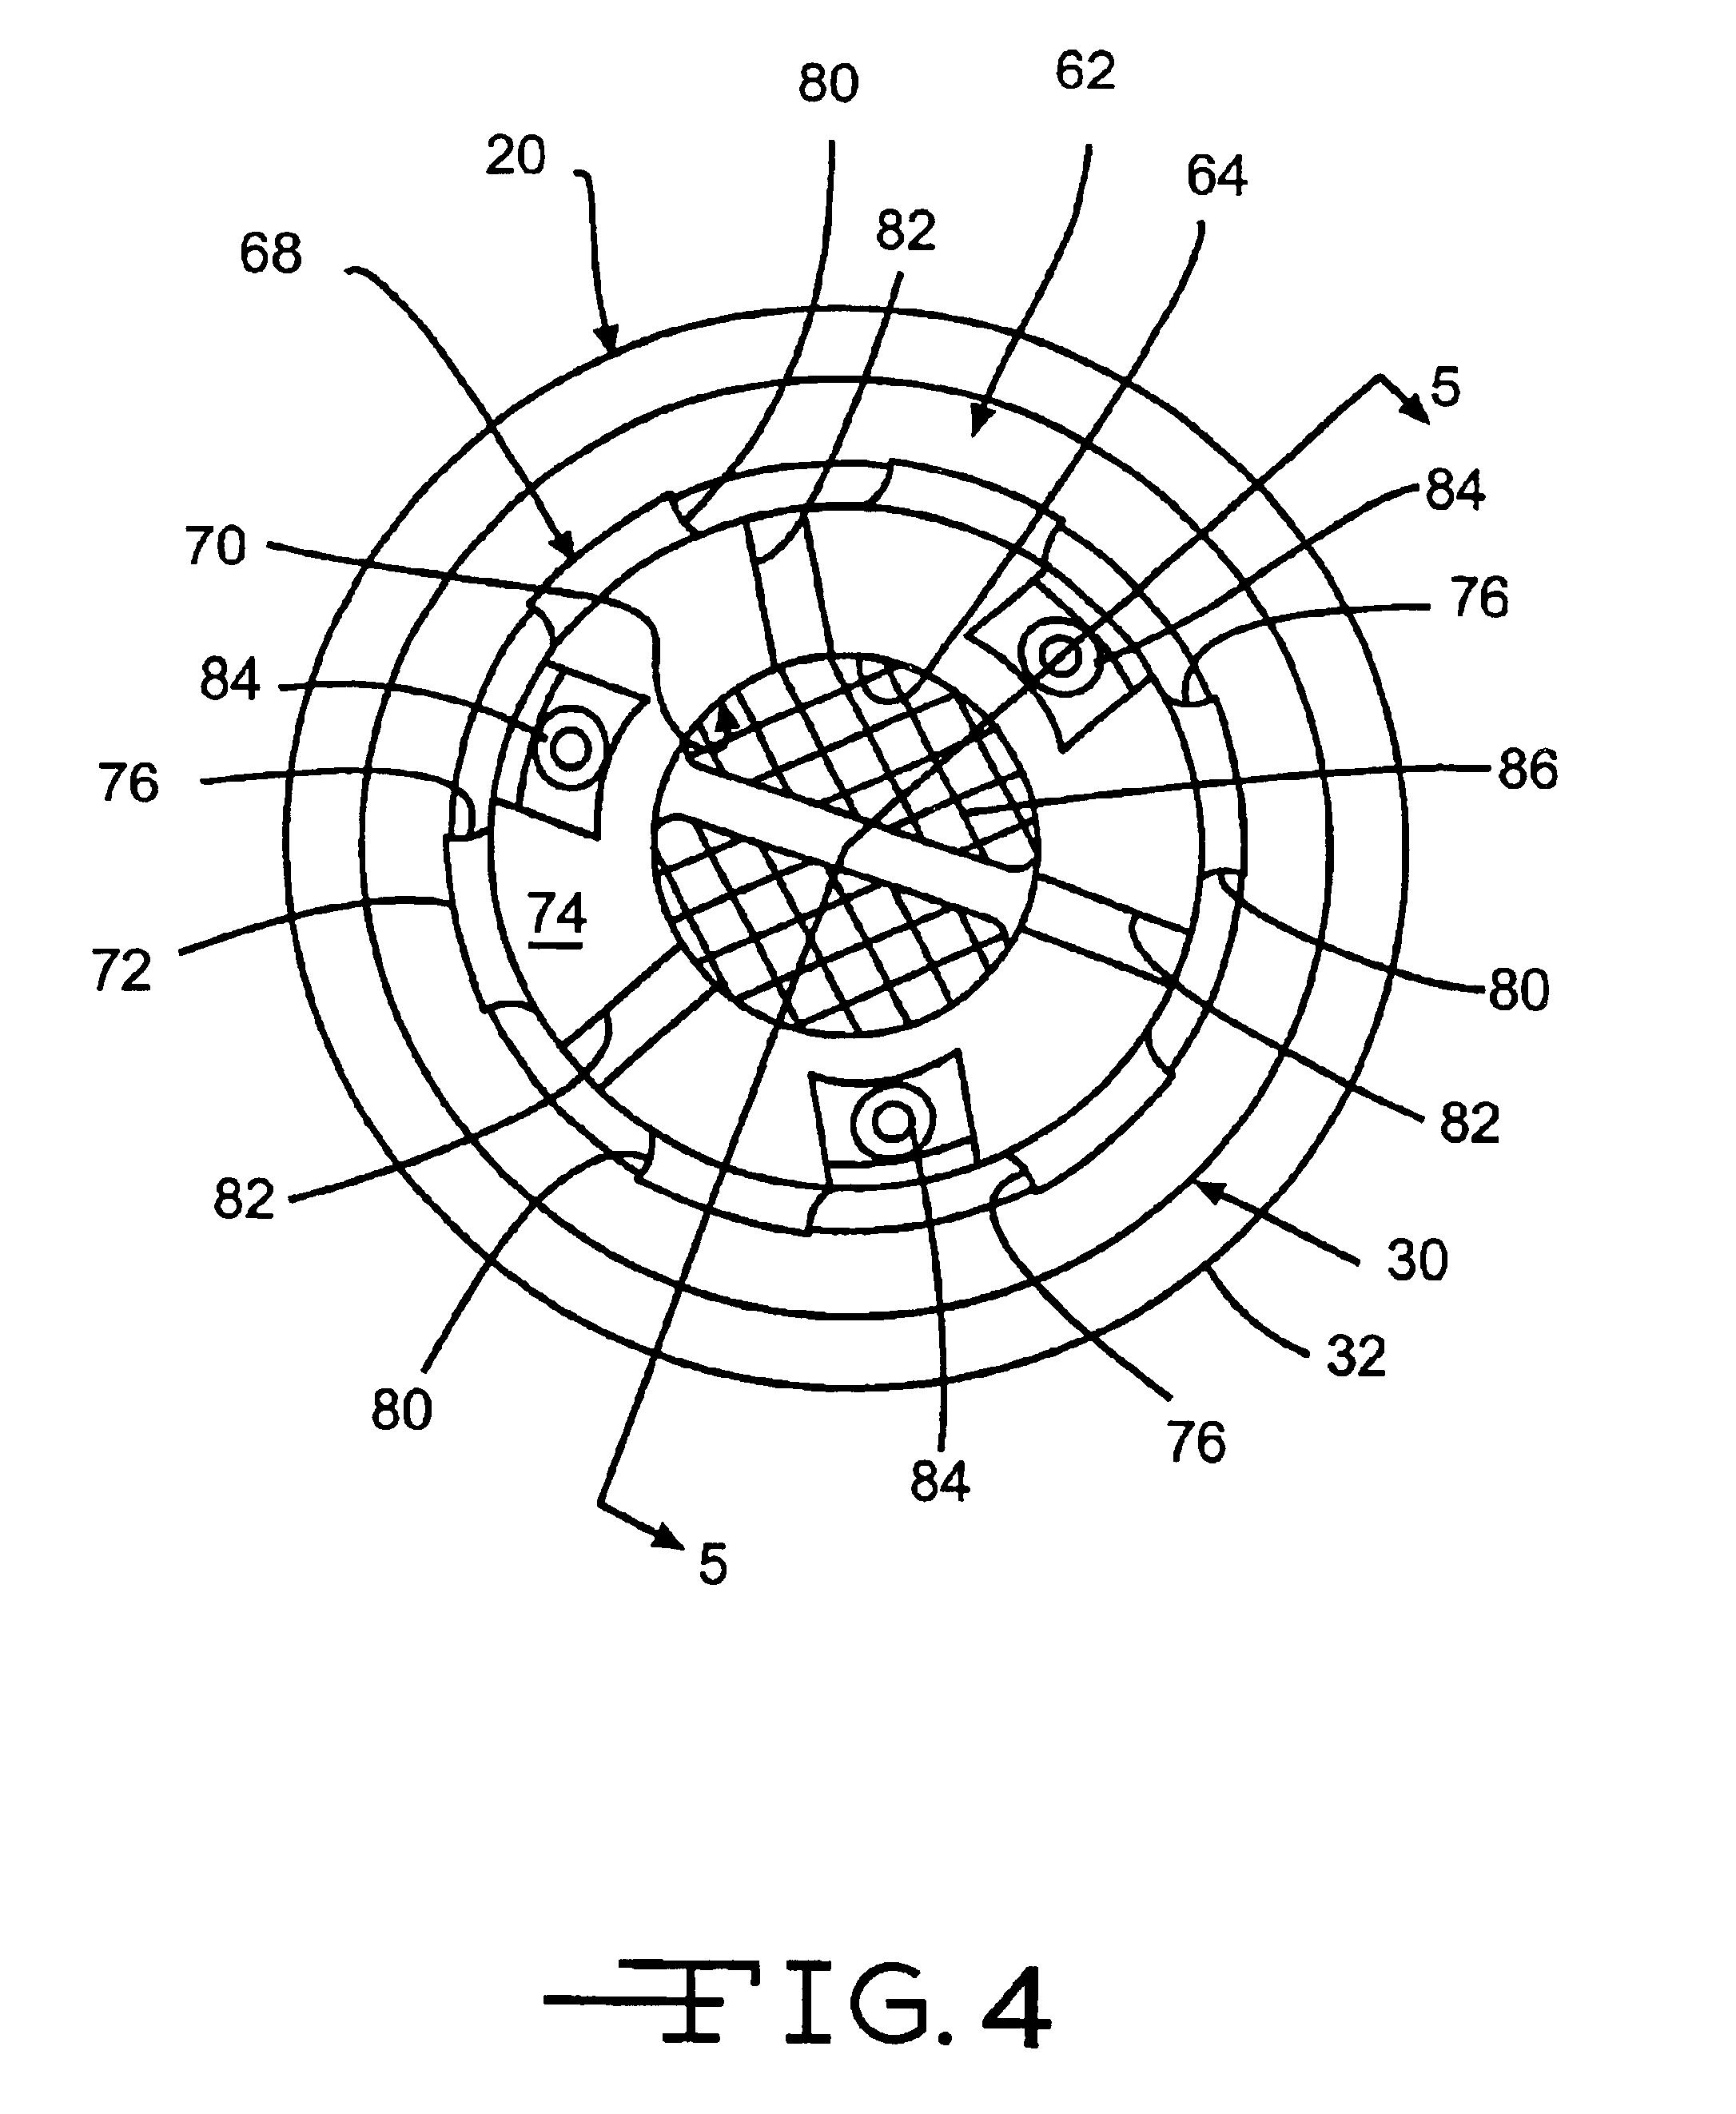 Haldex Plc Wiring Diagram : Haldex trailer air brake system imageresizertool